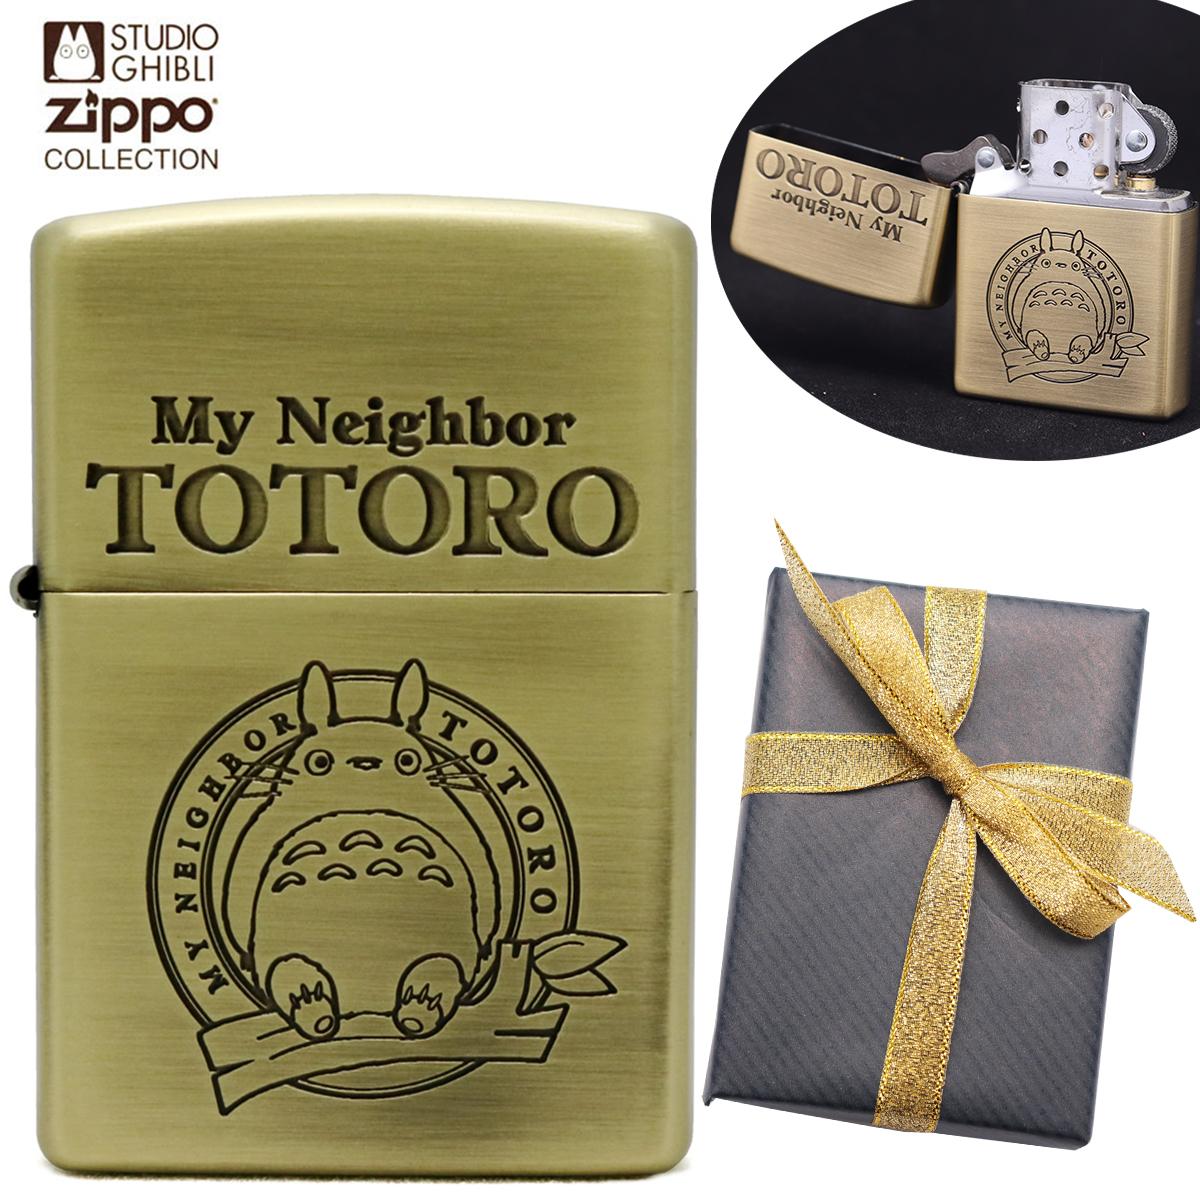 【送料無料】となりのトトロ ZIPPOコレクション トトロ NZ-03 スタジオジブリ <お誕生日 プレゼント> クリスマスプレゼント